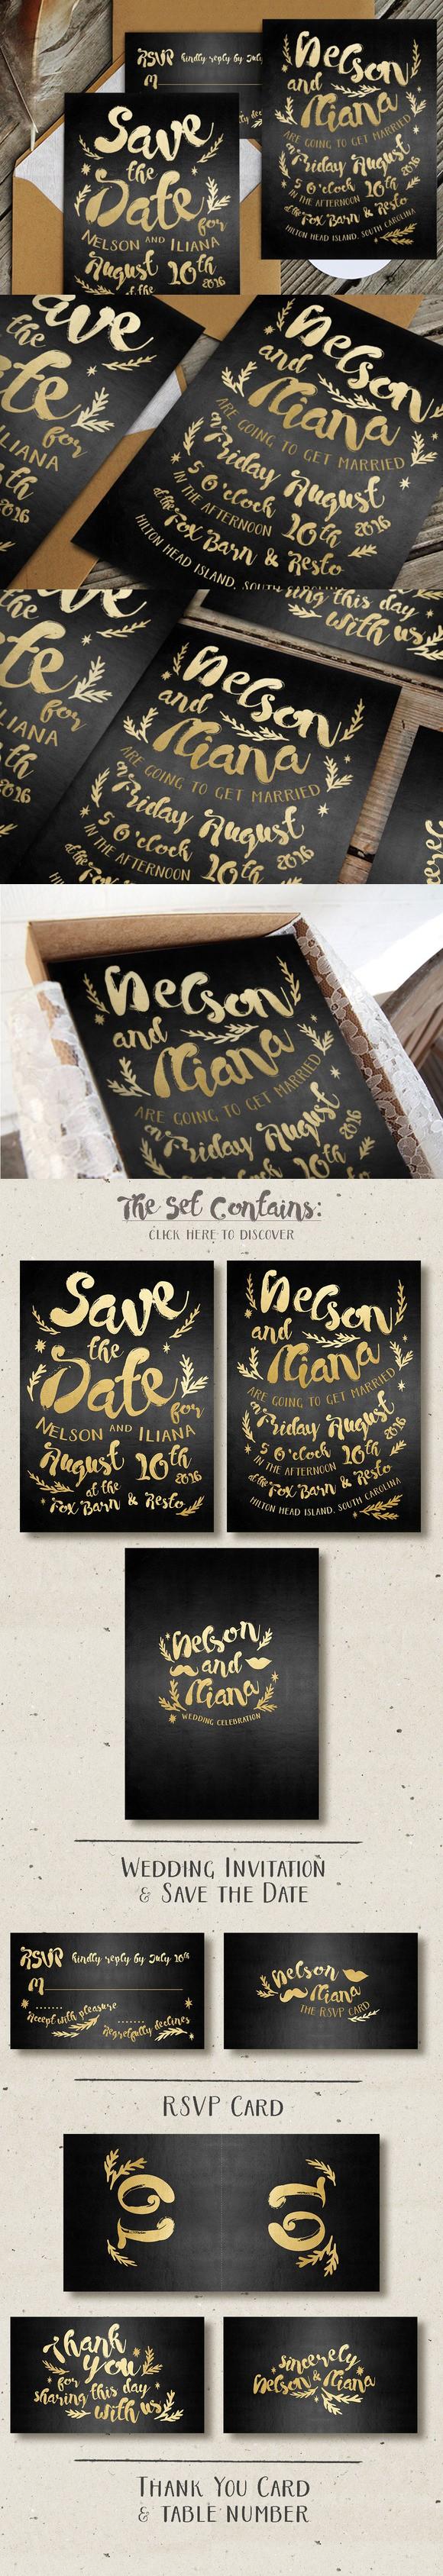 Black & Gold Hipster Wedding Suite | Hipster invitations, Hipster wedding,  Wedding fonts